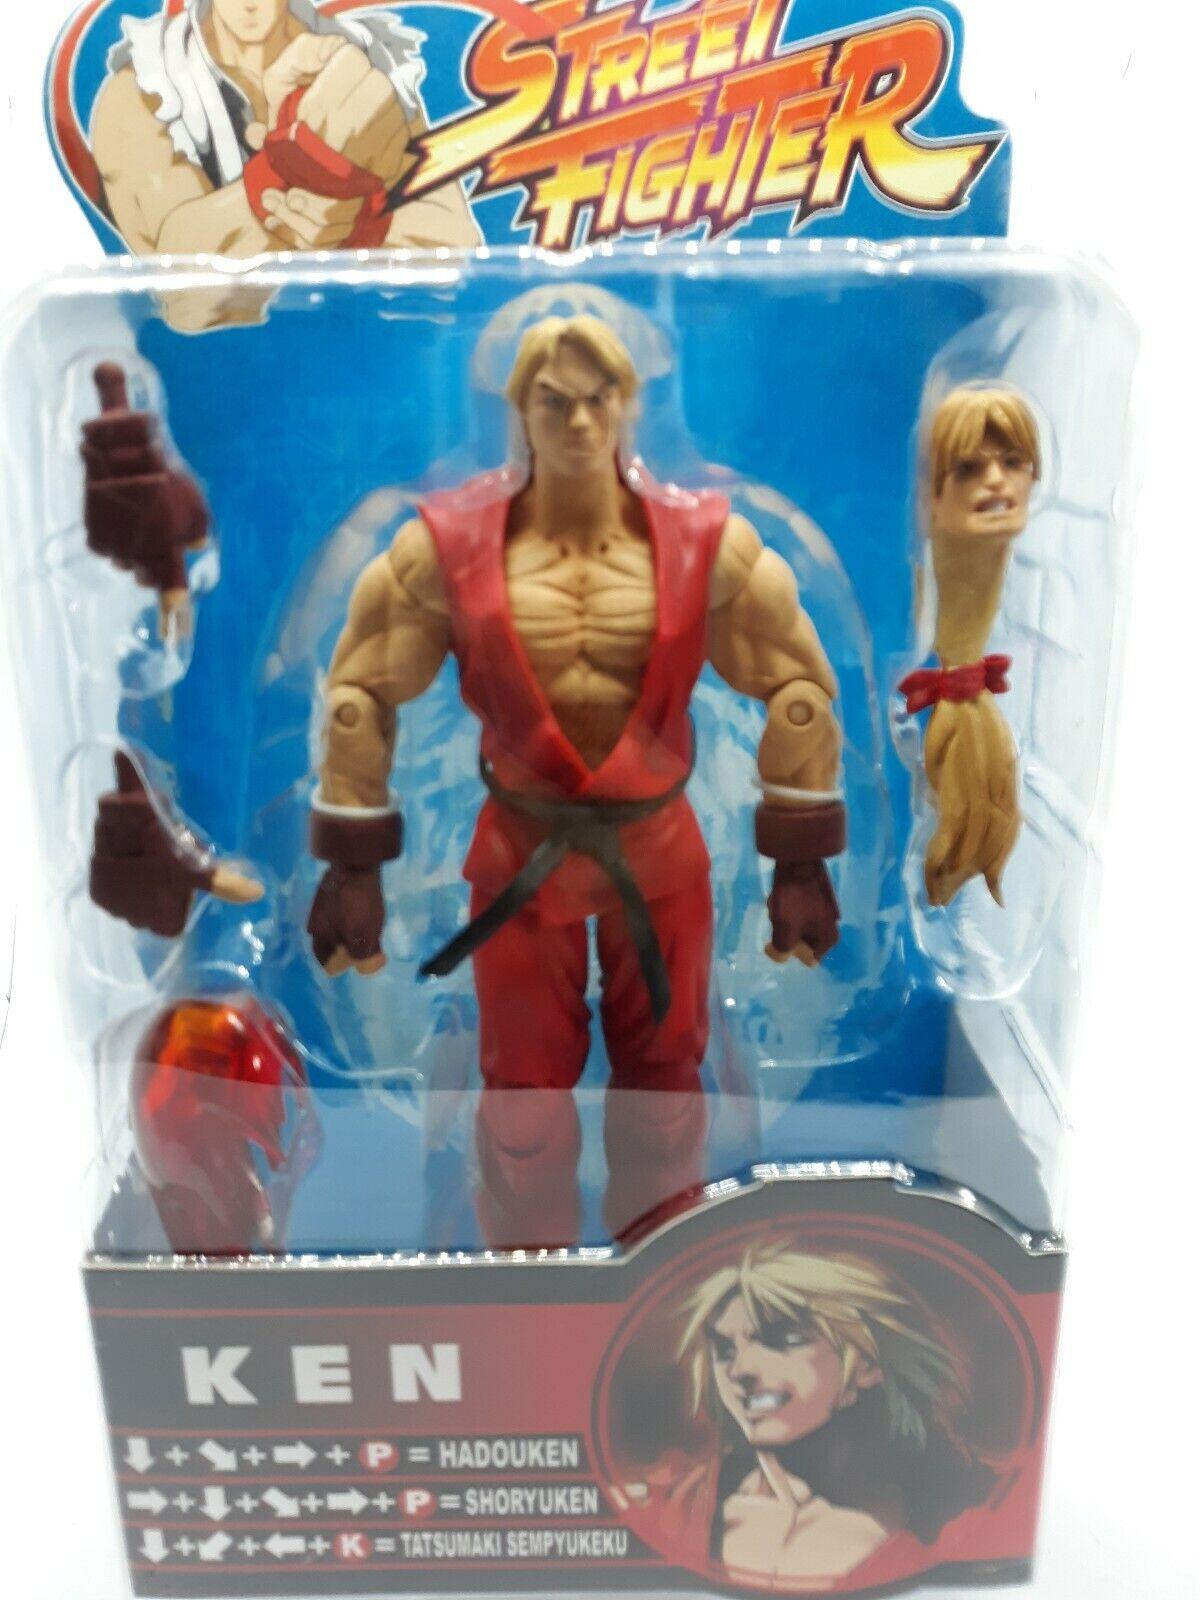 Venta en línea precio bajo descuento Street Fighter Ken Figura Figura Figura De Acción Nueva Sota Variante Exclusiva Rojo A2  venta con alto descuento